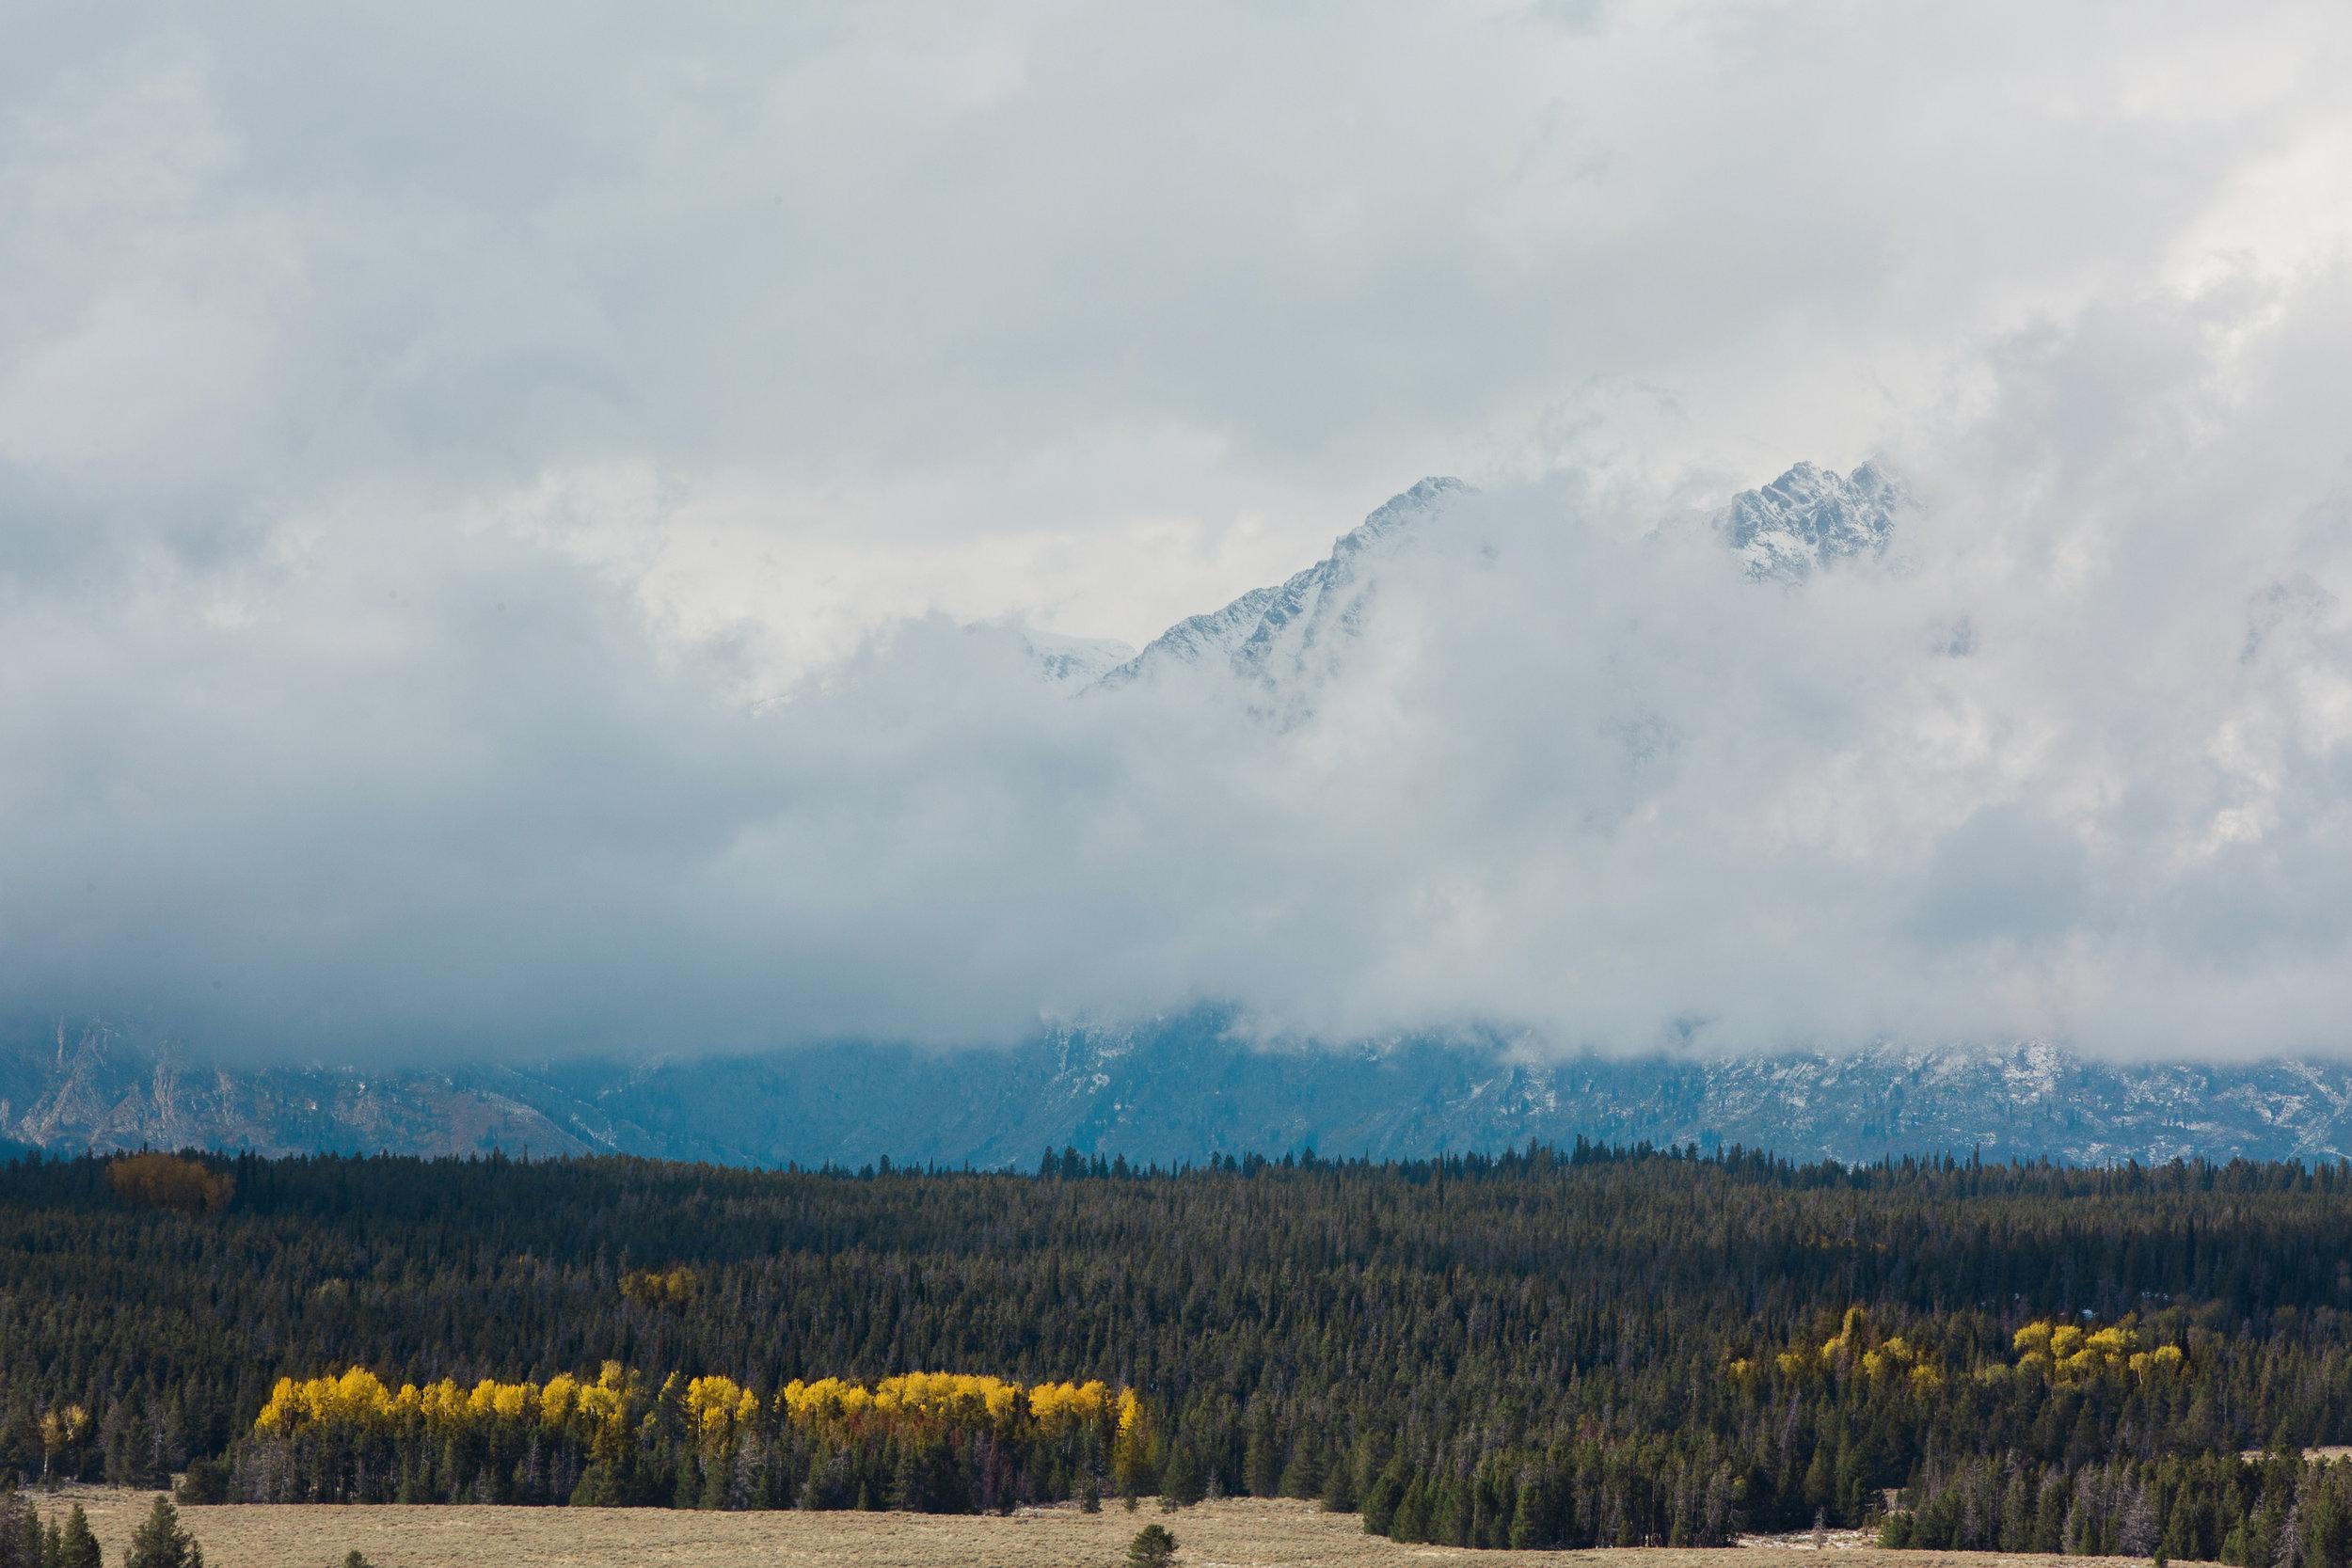 CindyGiovagnoli_Grand_Teton_National_Park_mountains_Bison_Autumn_Wyoming_Mormon_Row_aspens_fall_outdoor_photographer-016.jpg